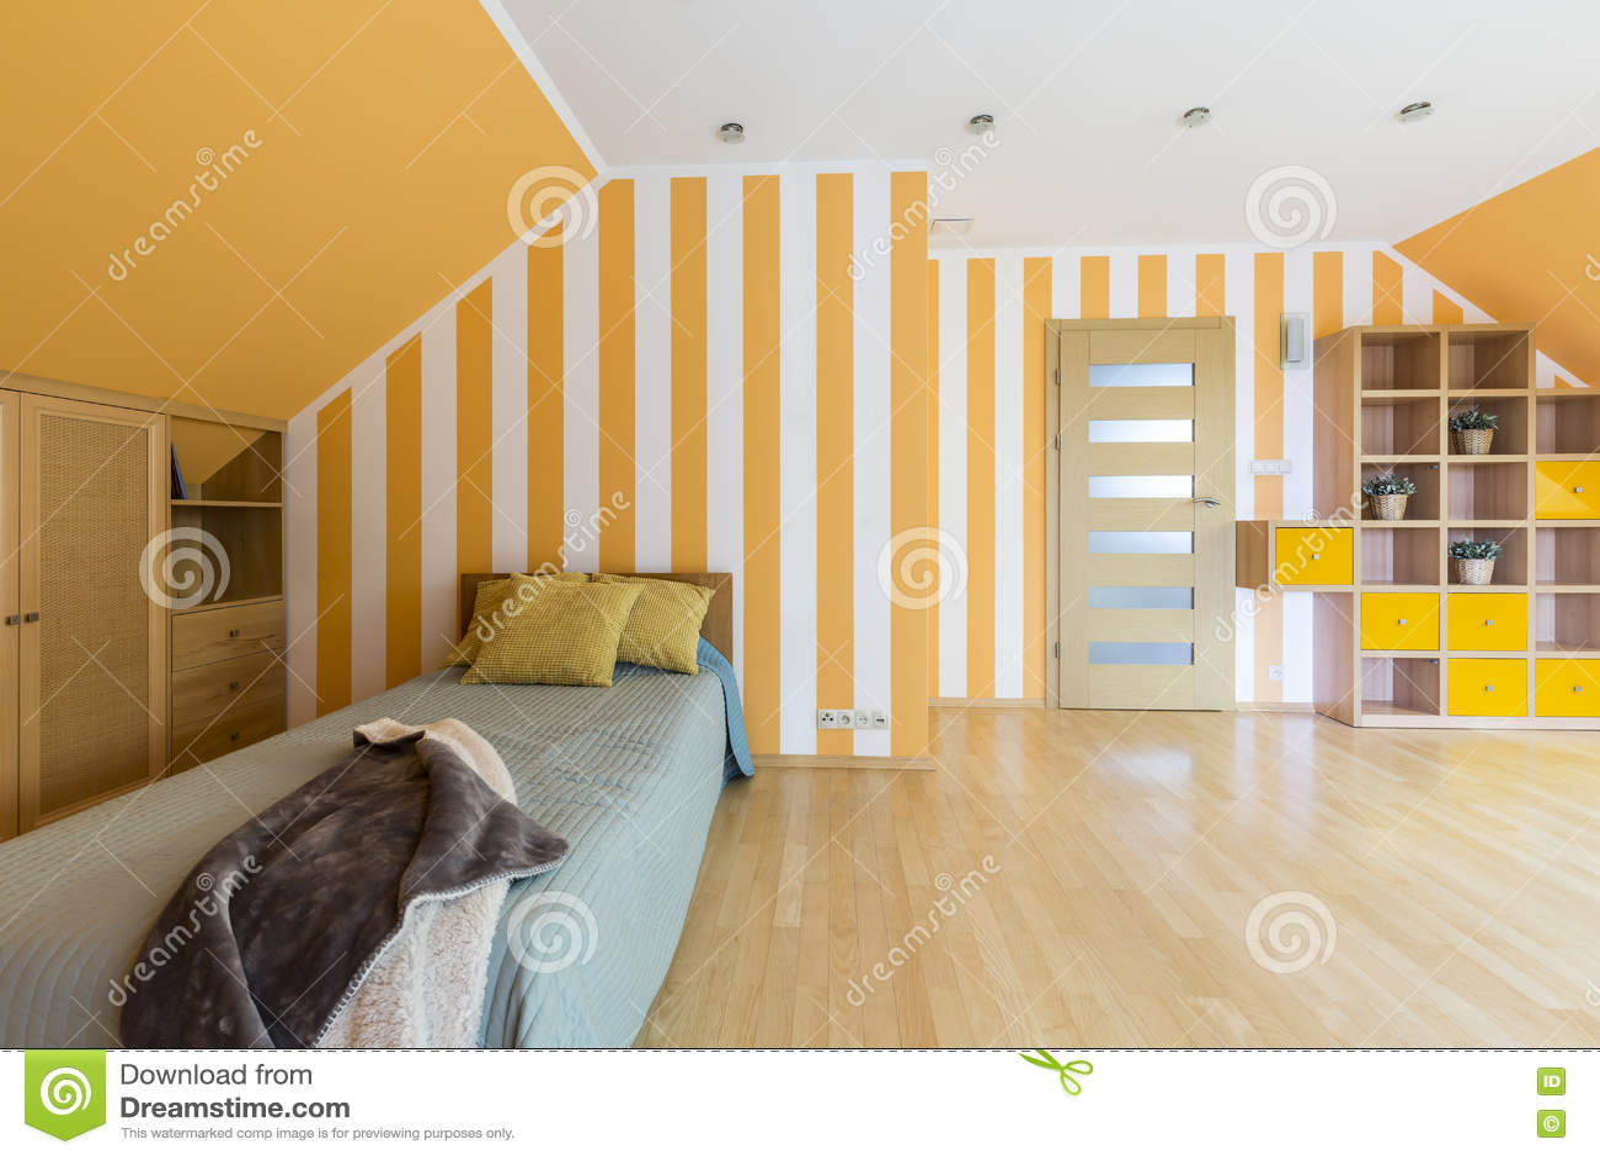 Gele Muur Slaapkamer : Slaapkamer met gestreepte gele muur stock foto afbeelding